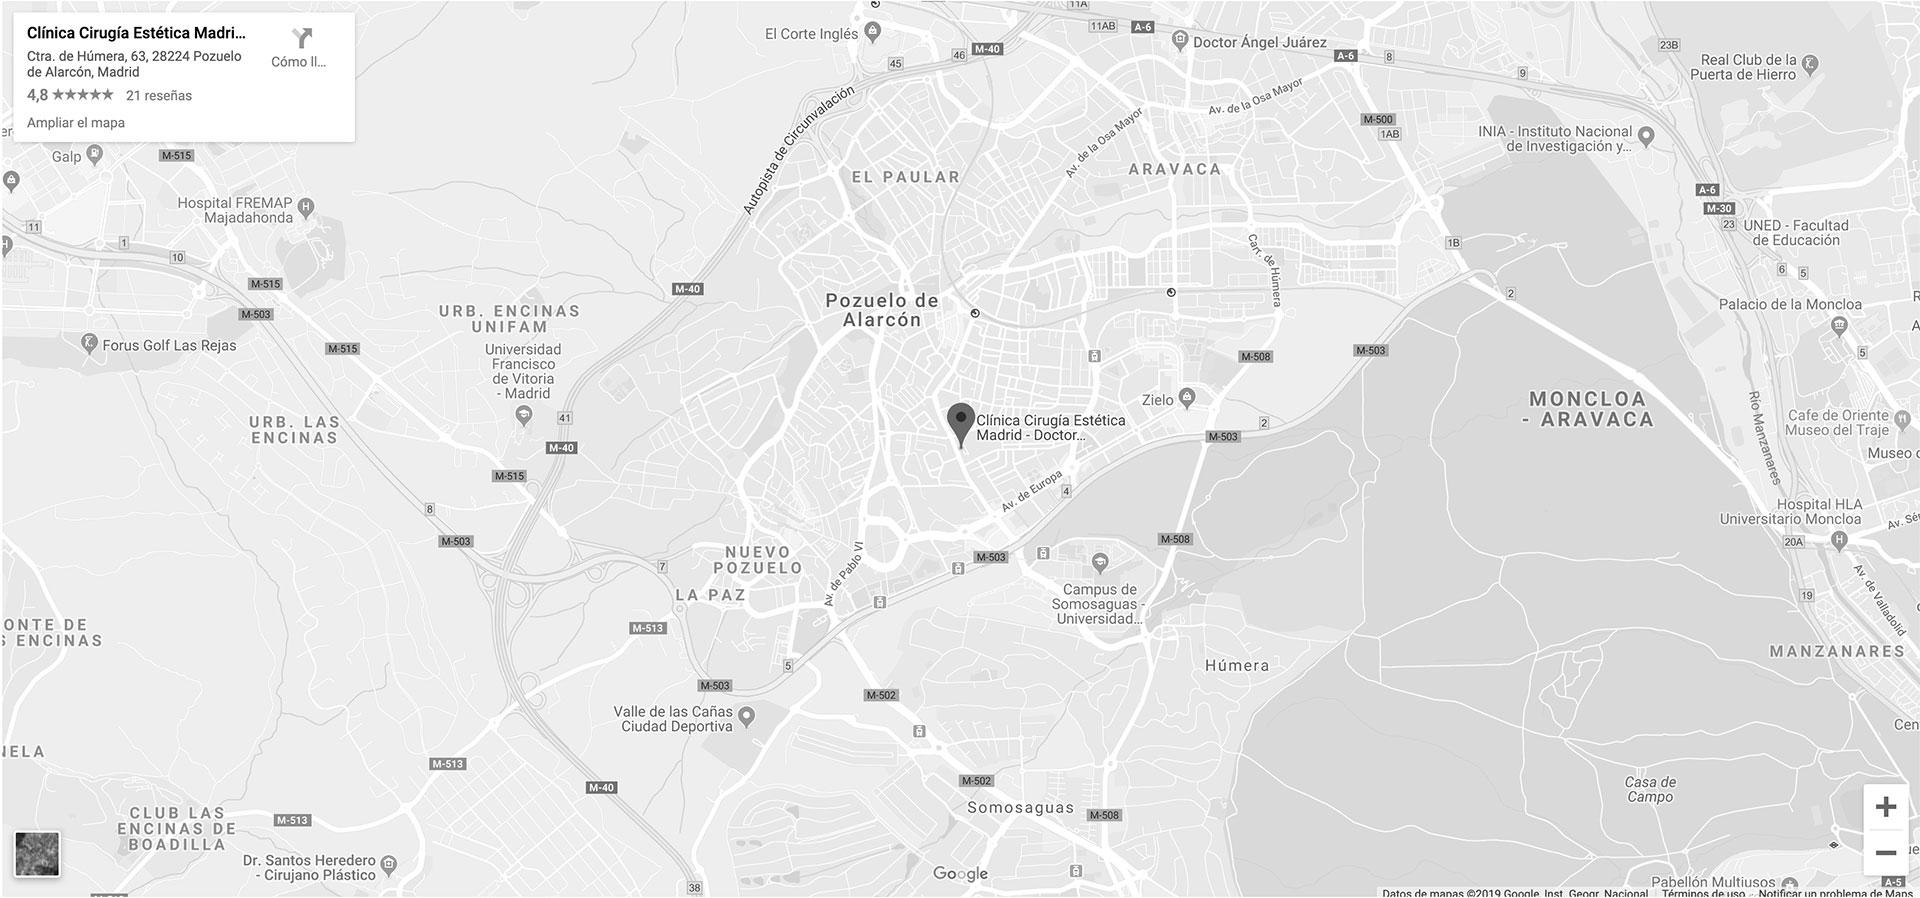 ¿Cómo llegar a la Clínica de Cirugía Estética del Doctor Granado Tiagonce en Madrid? Utiliza nuestro mapa.